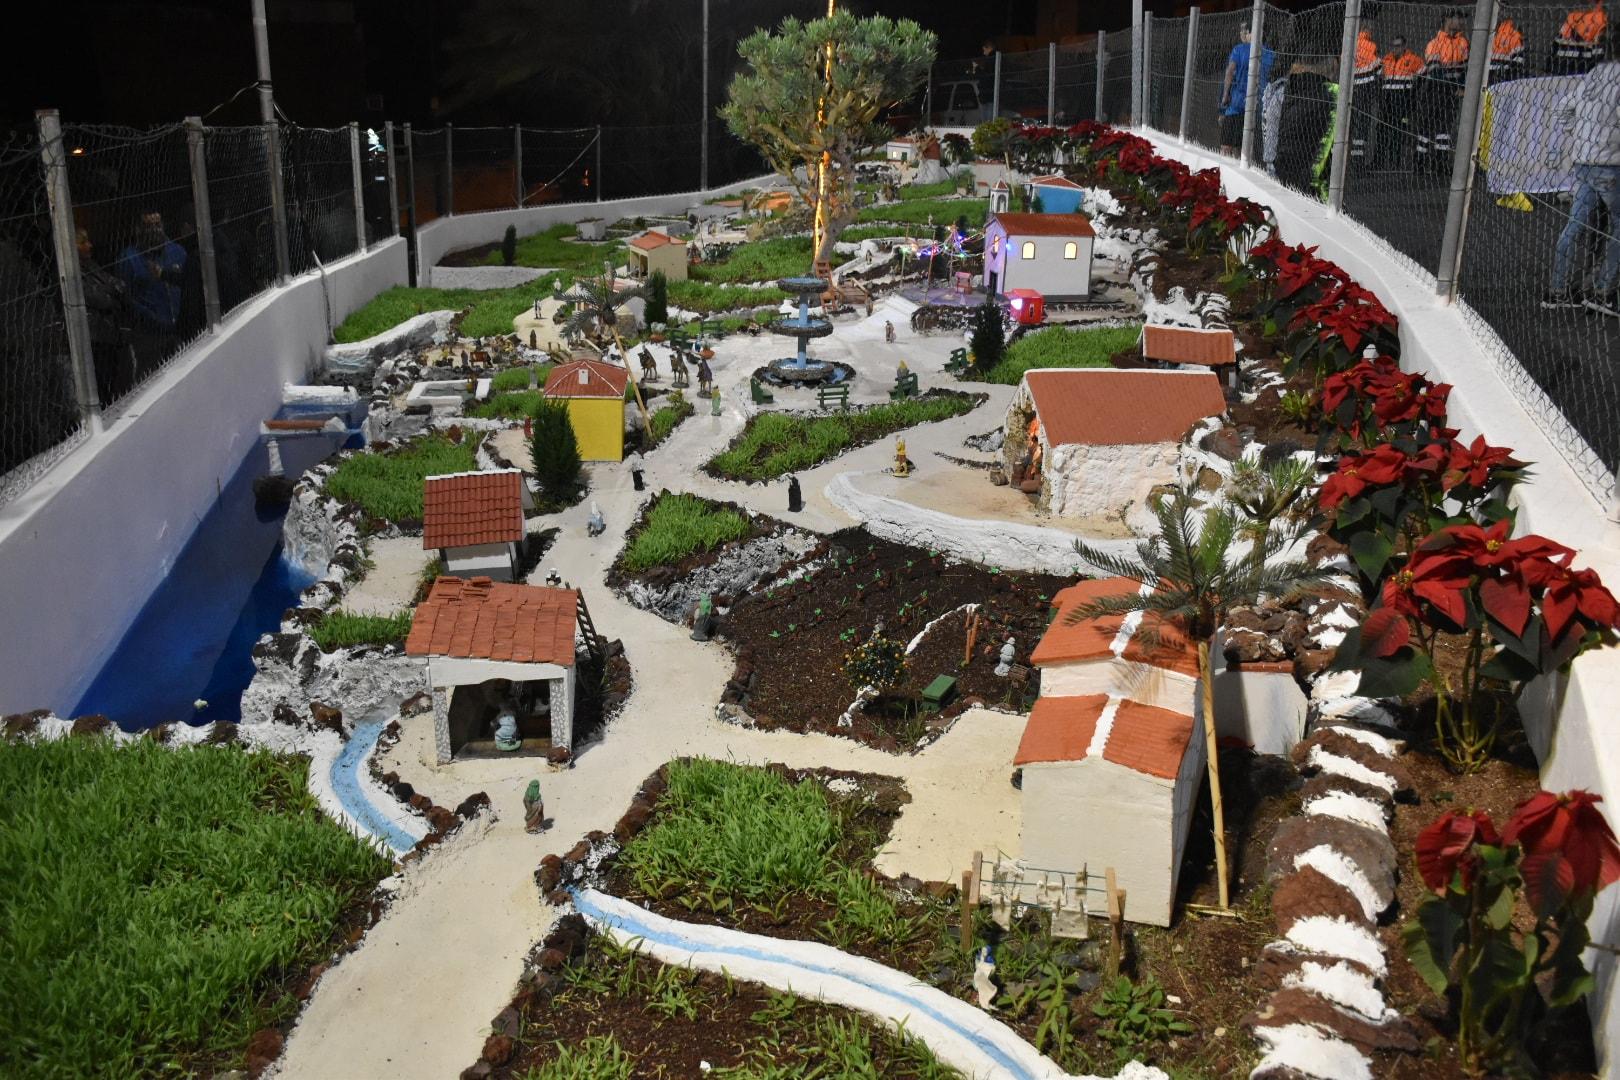 14-12-2019 Inauguración belén de El Chorrillo 2019 (1)